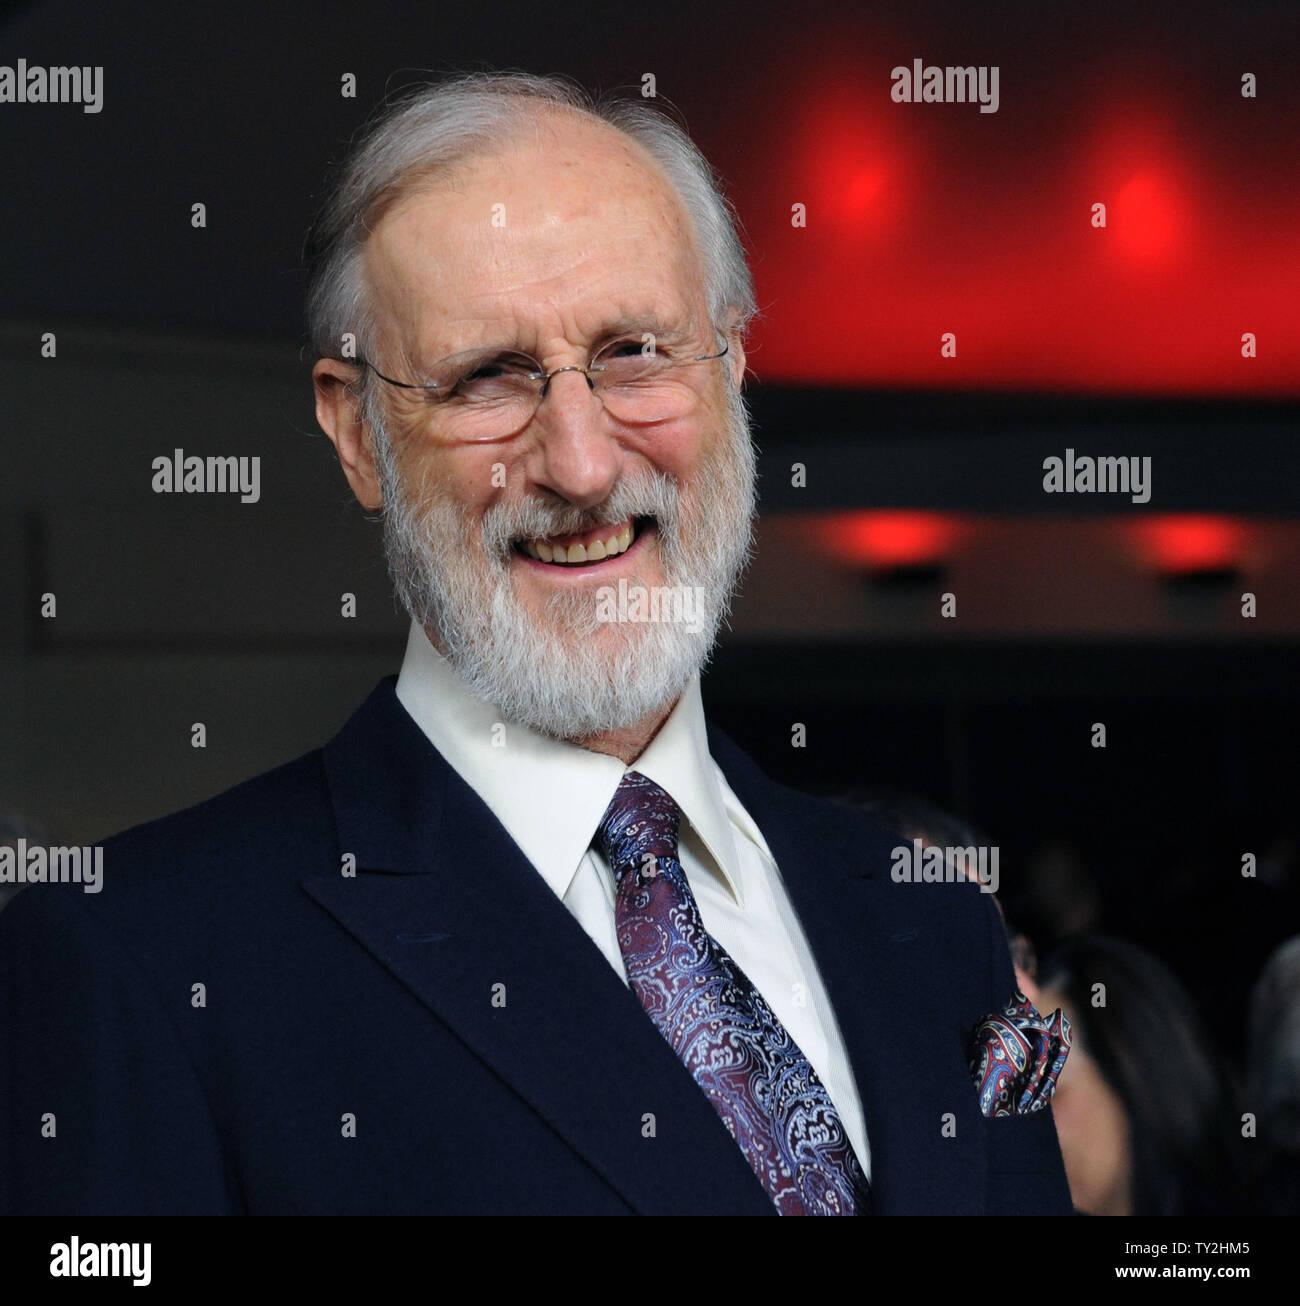 James Cromwell asiste a la 64ª anual de Directors Guild of America Awards en Los Angeles el 28 de enero de 2012. UPI/Jim Ruymen Imagen De Stock